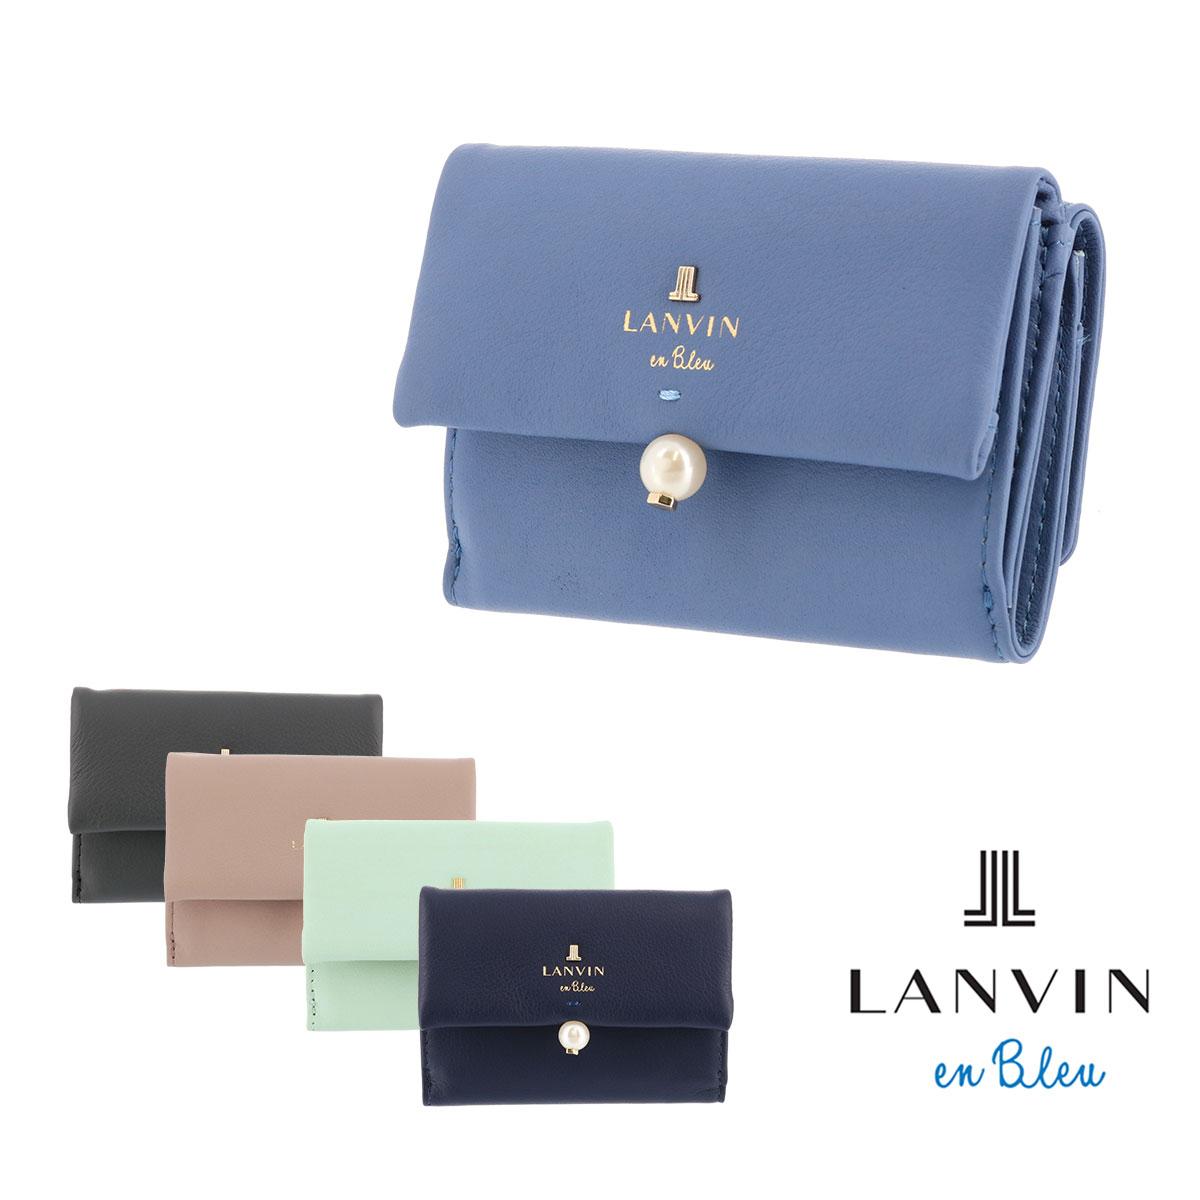 ランバンオンブルー 三つ折り財布 シャペル レディース 482014 LANVIN en Bleu | 本革 レザー ブランド専用BOX付き[bef][即日発送]